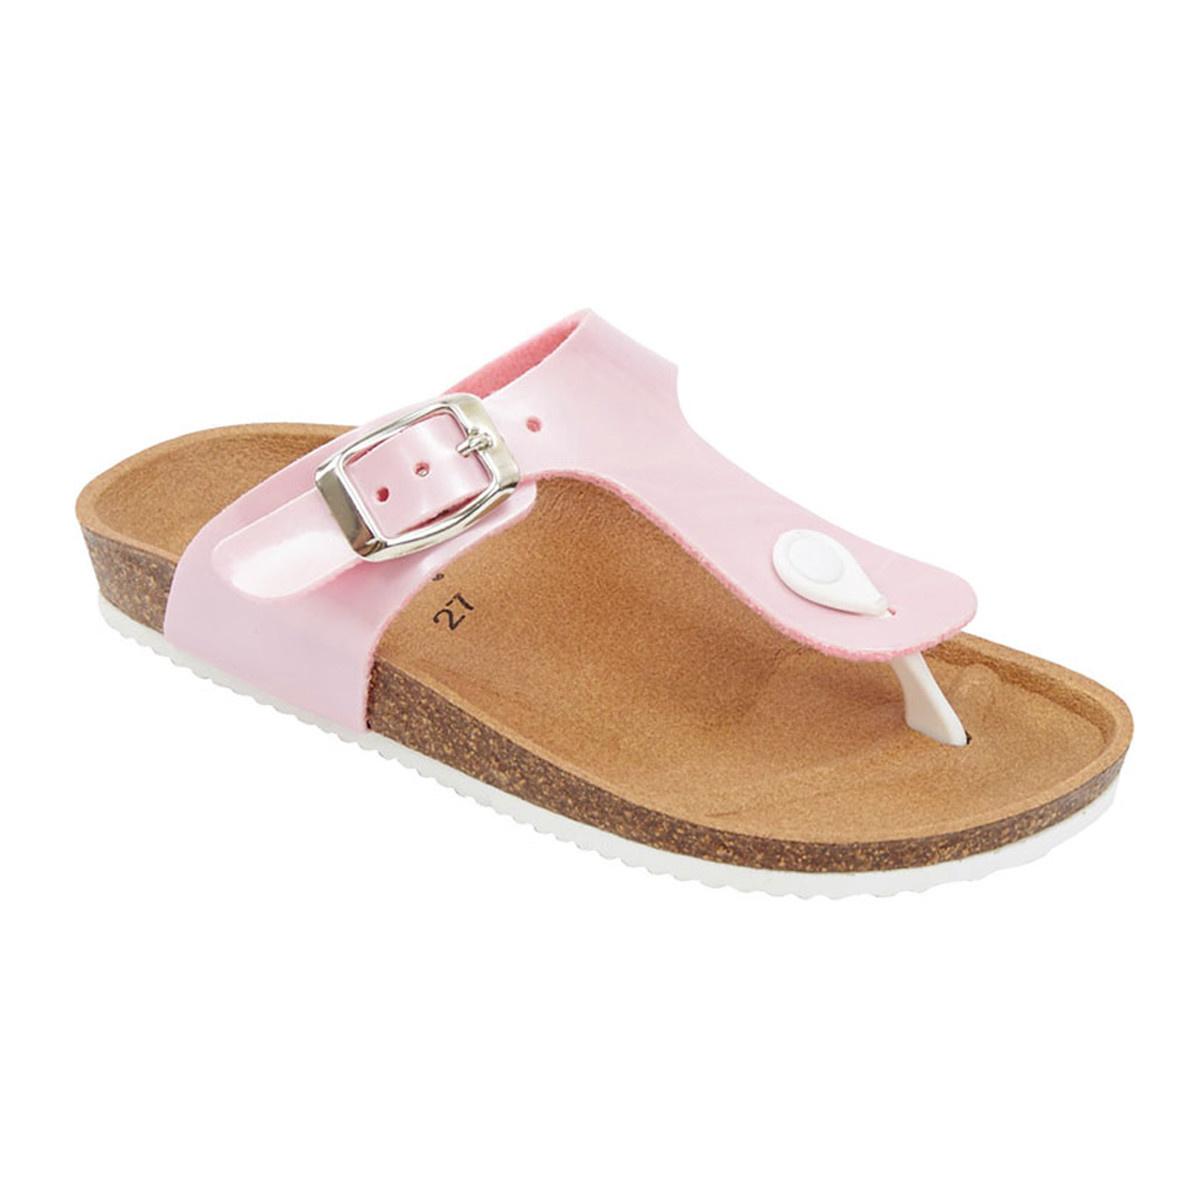 Biotime June Sandal Pink